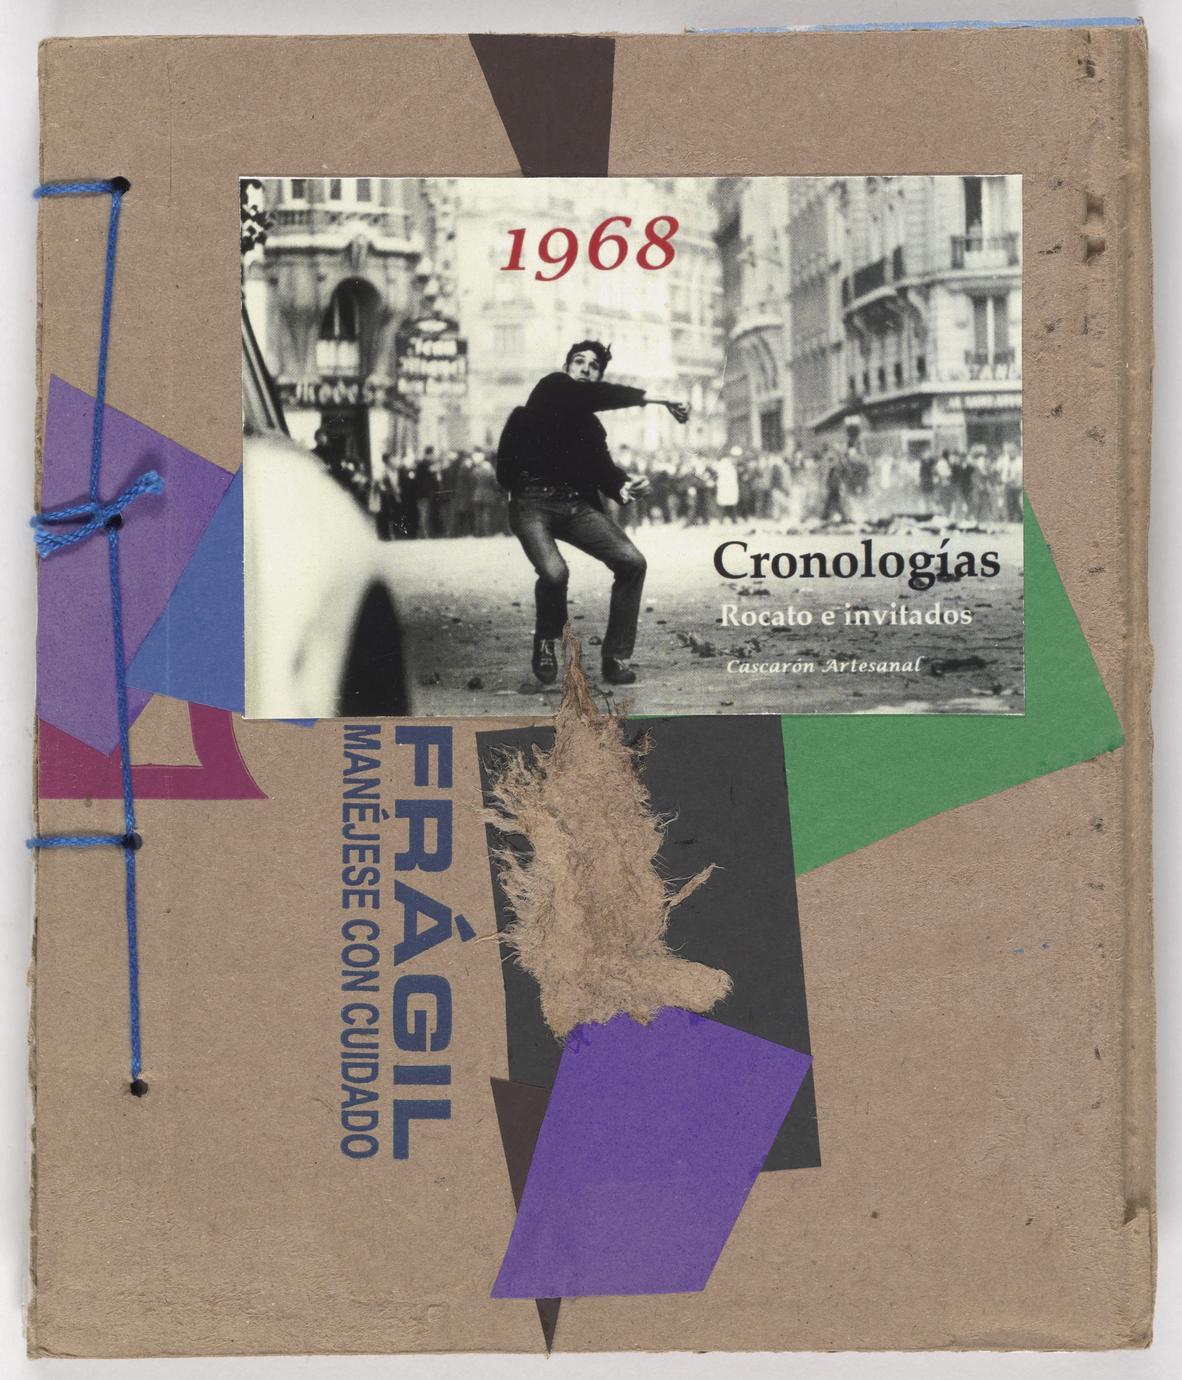 1968, cronologías del movimiento estudiantil (1 of 3)